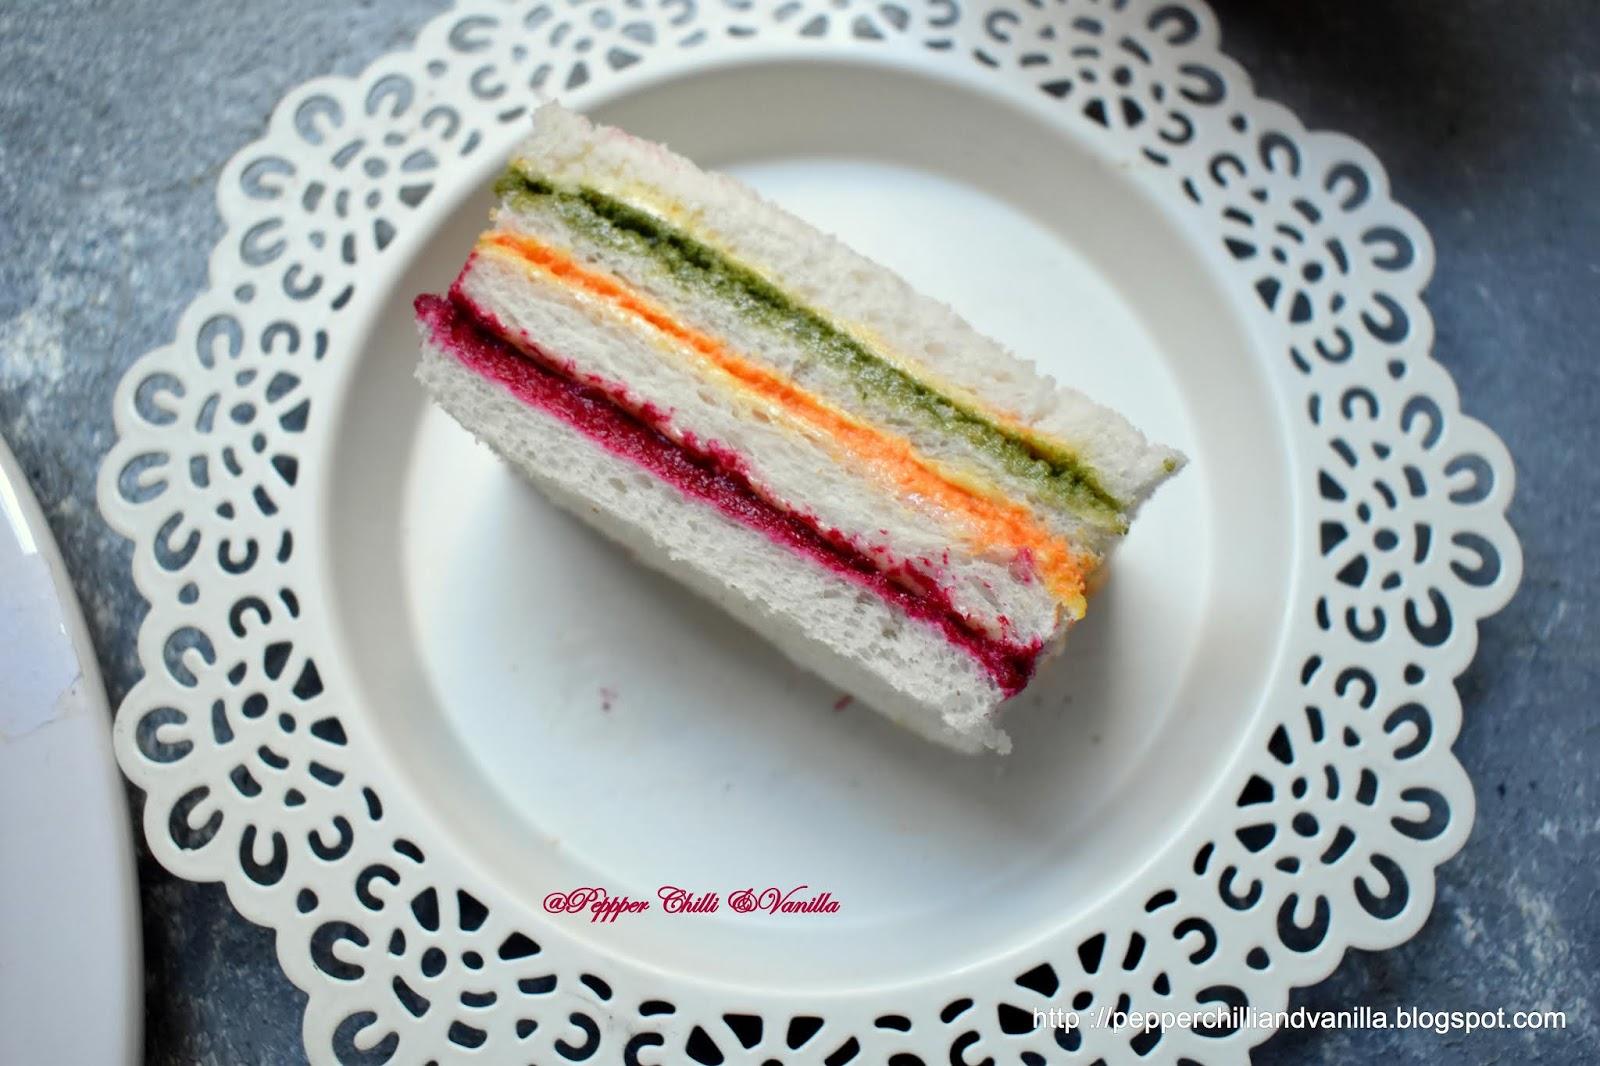 veg rainbow sandwich,tricolor sandwich,tricolour sandwiches,party sandwiches